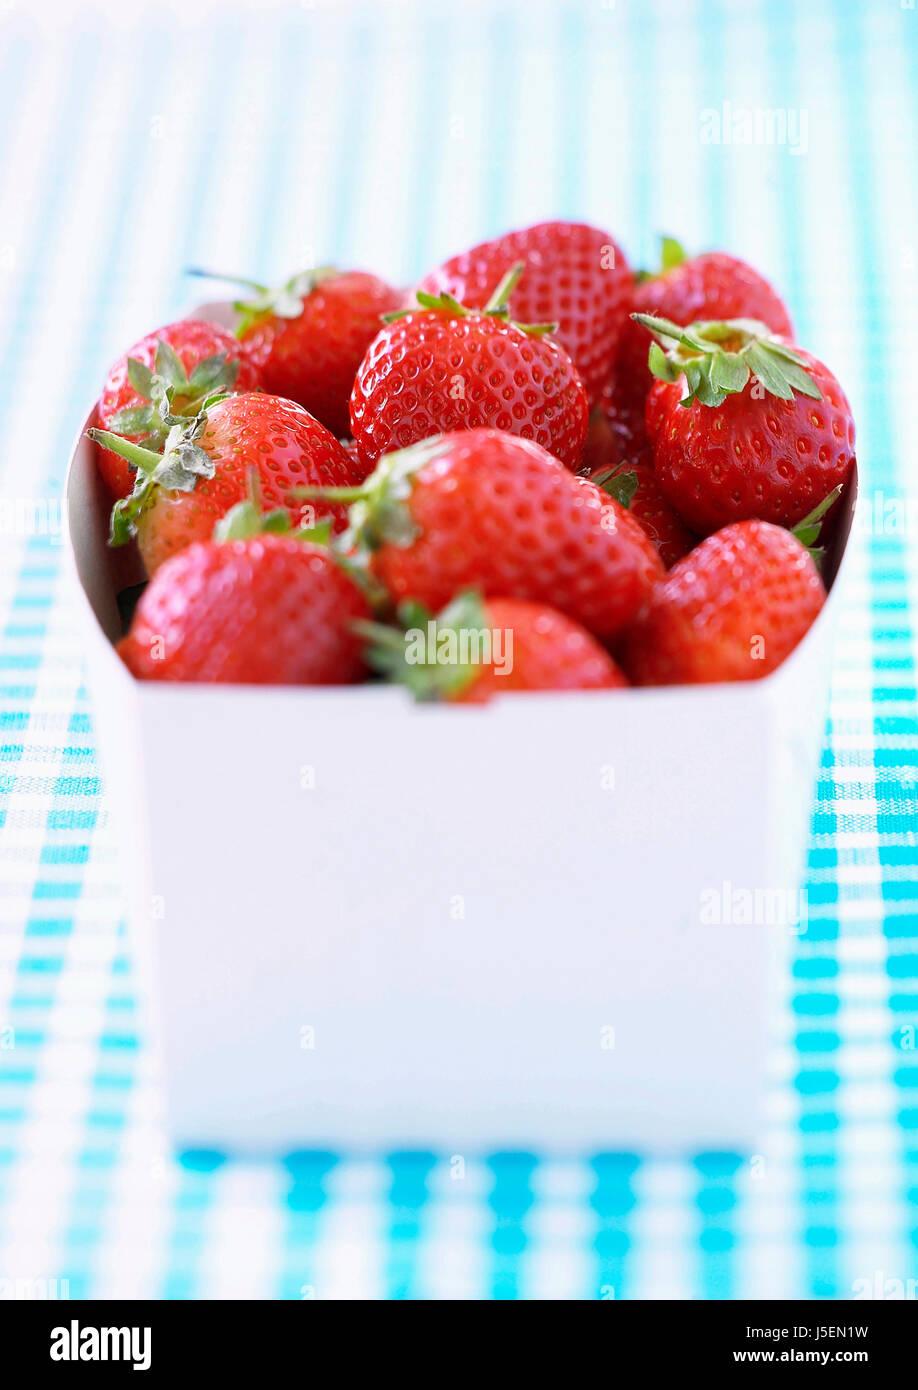 La fresa, Fragaria x ananassa, Studio shot de frutos rojos en el contenedor. Imagen De Stock